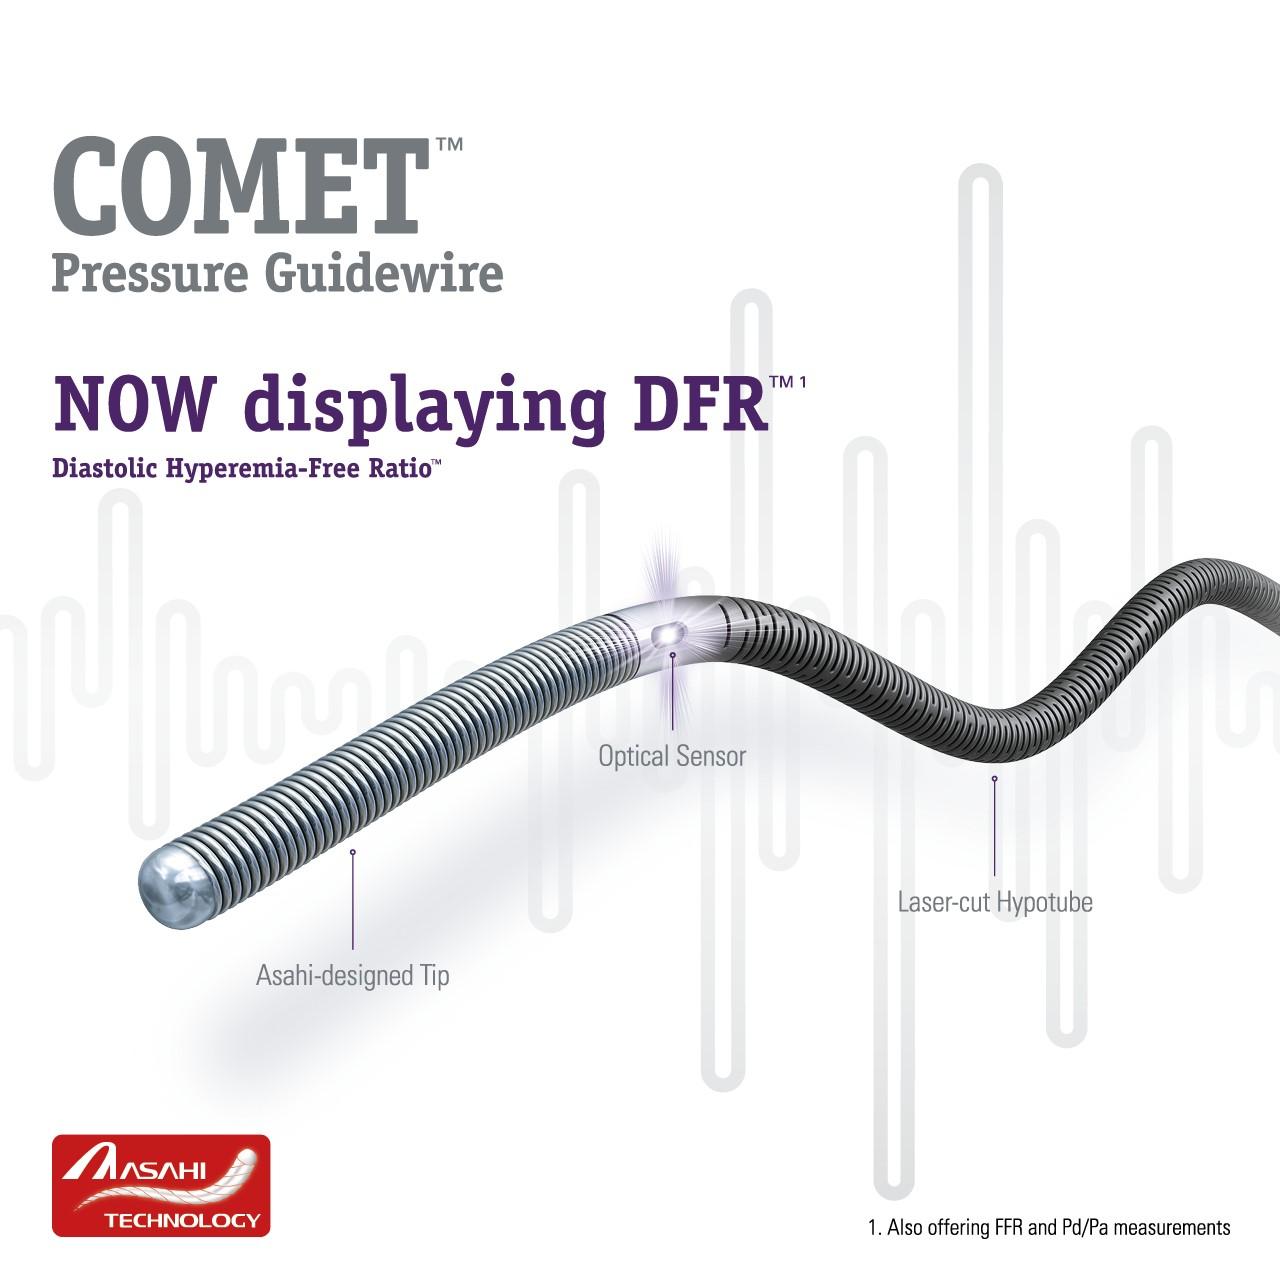 Comet Pressure Guidewire - Boston Scientific